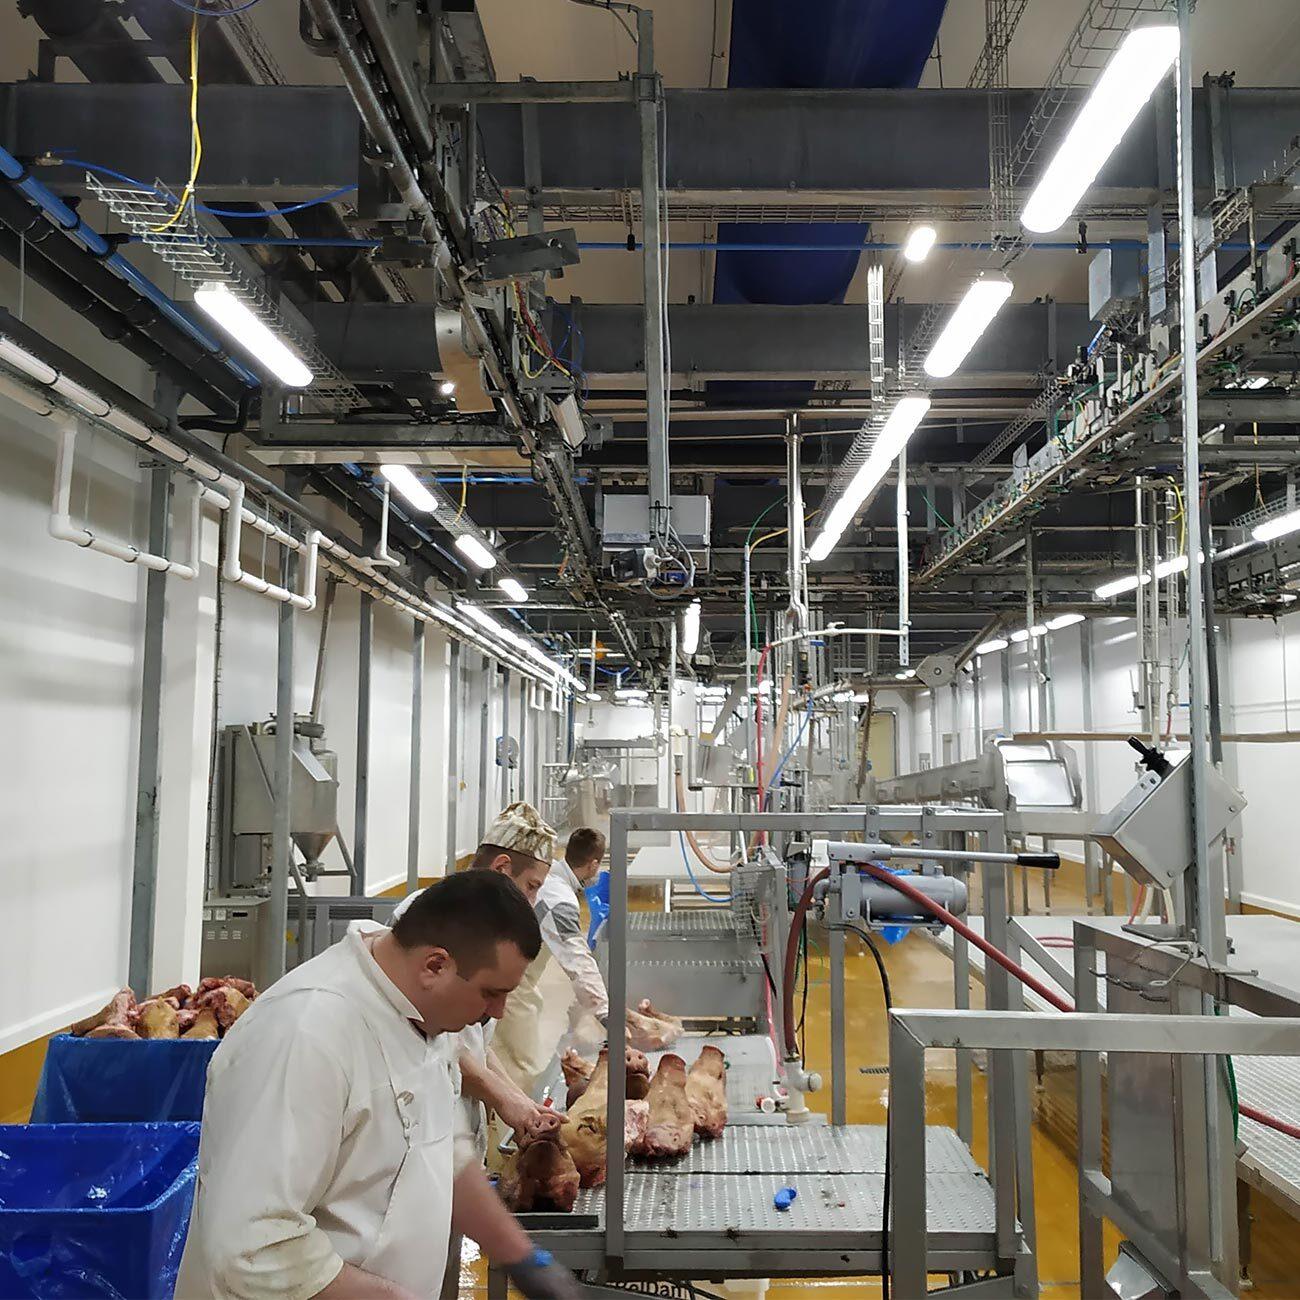 БелДан заказал светильники для мясо-молочных предприятий ledz e-Industry и e-Slim. Служат более 20 лет. Экономят 80% затрат на электроэнергию. Хотите такие светильники? Звоните нам!